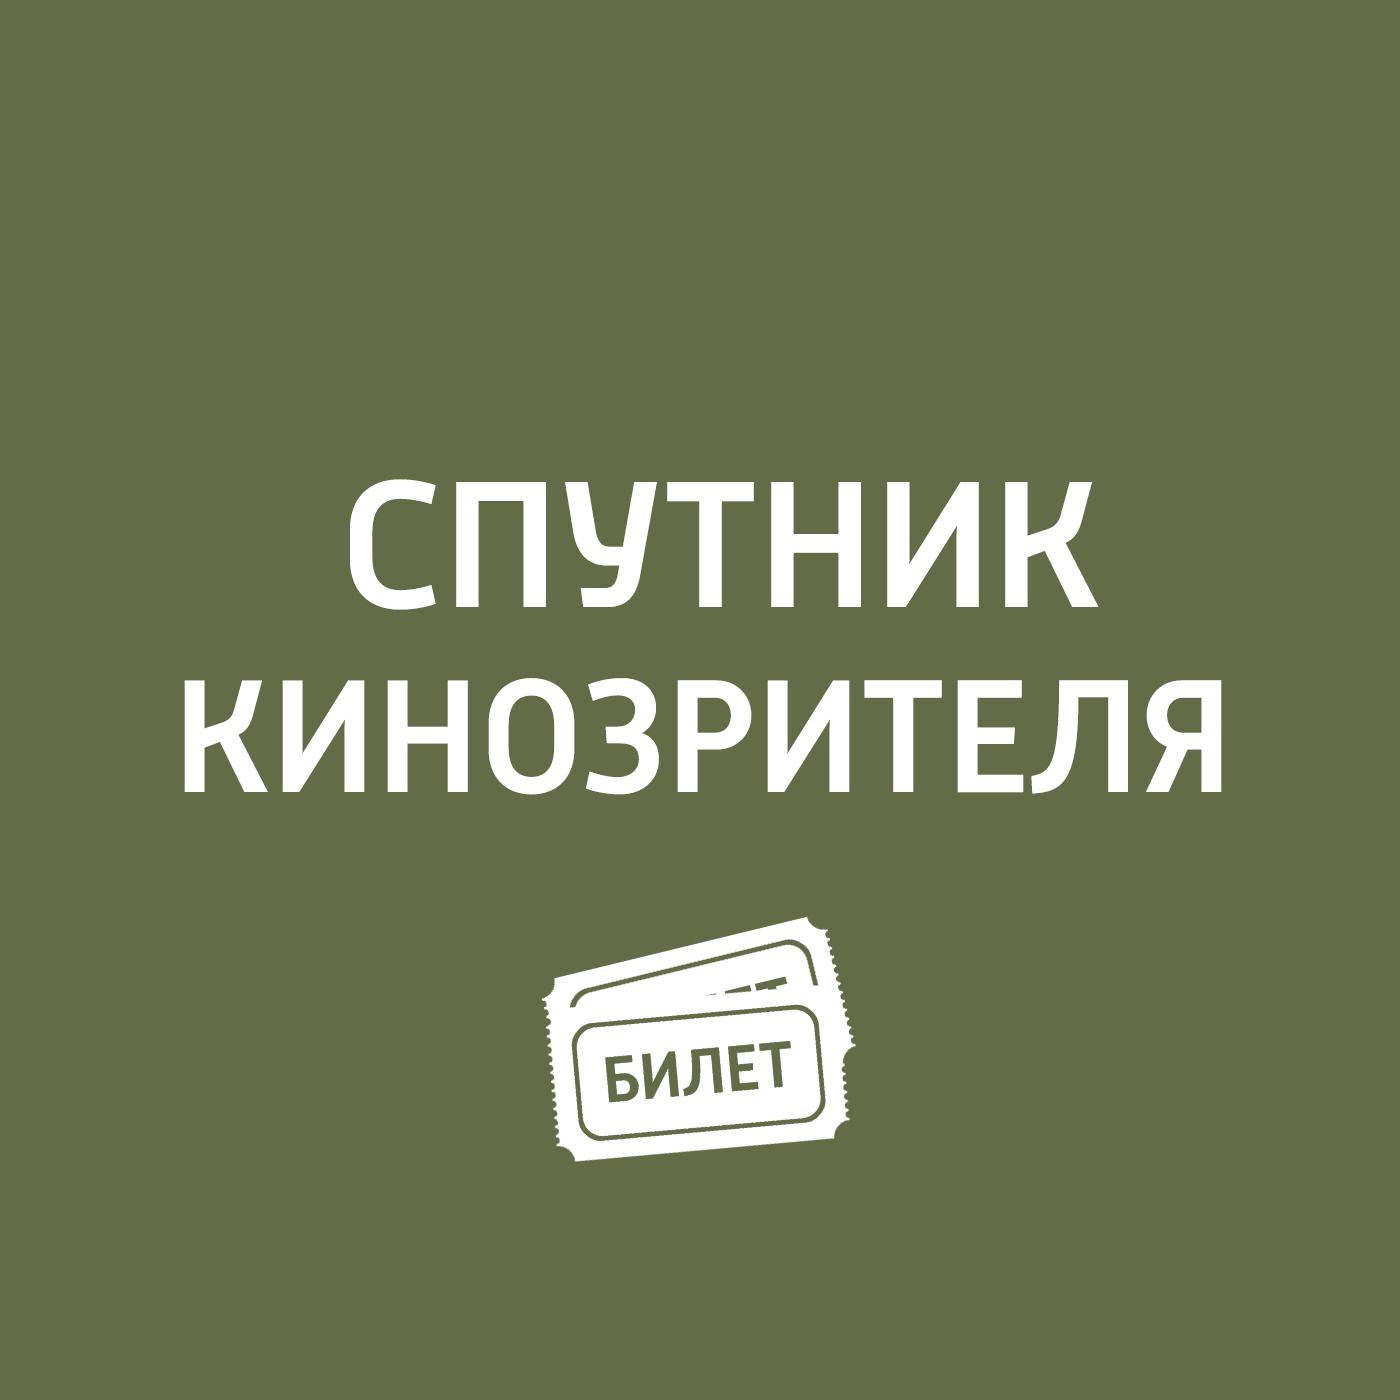 Антон Долин Эпик, «Мальчишник: часть 3 антон кутузов линейные ограниченные операторы часть 1